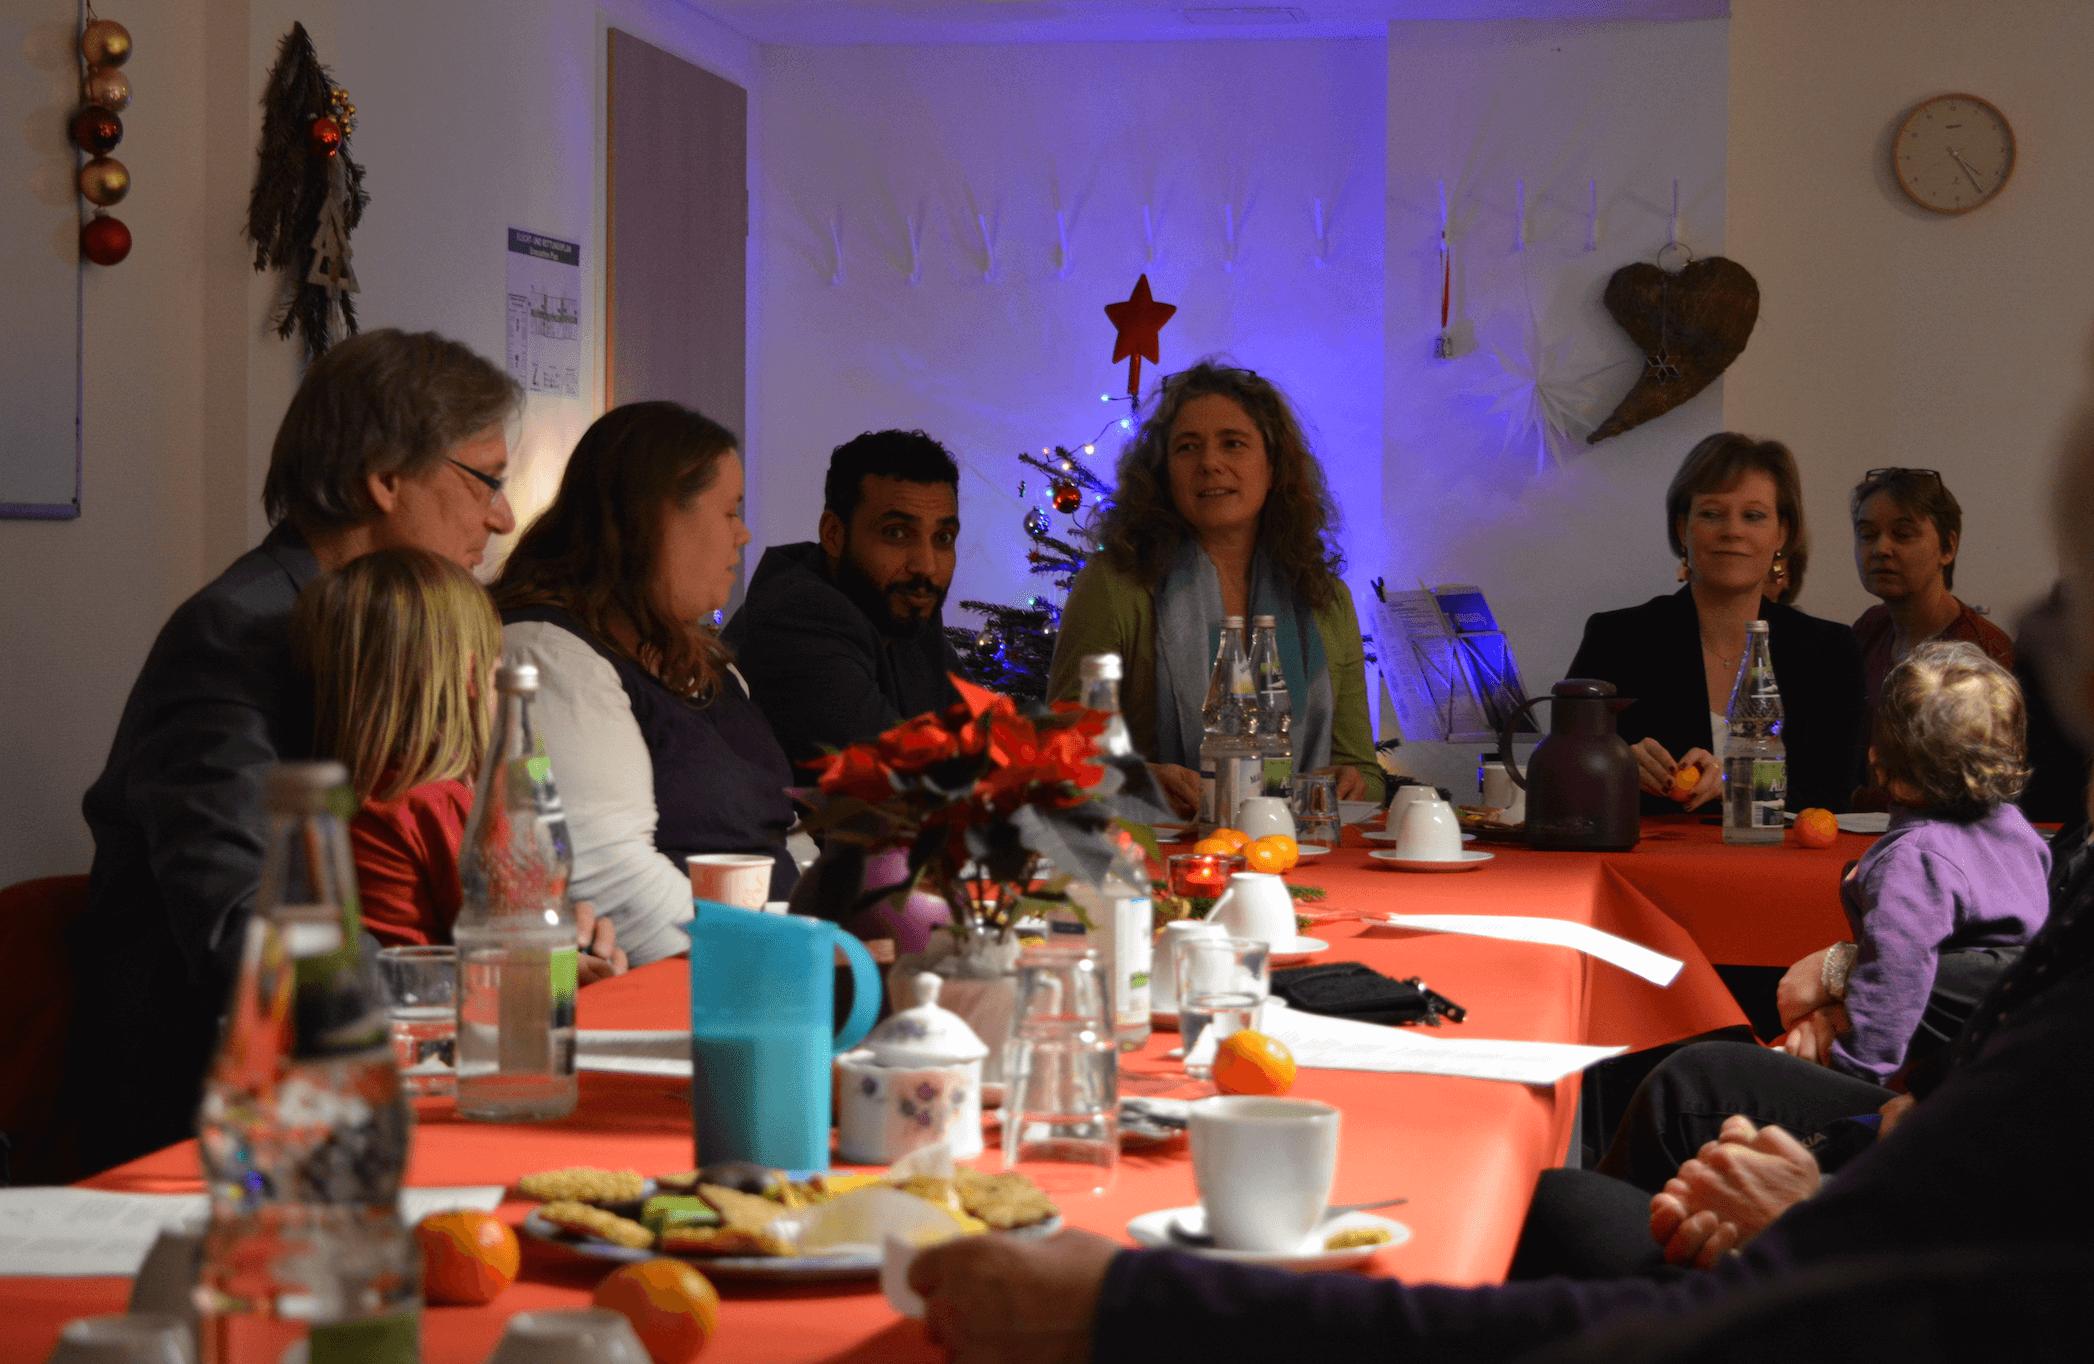 Gemeinsam Weihnachtsgesängen gelauscht: Adventsnachmittag in Flüchtlingsunterkunft